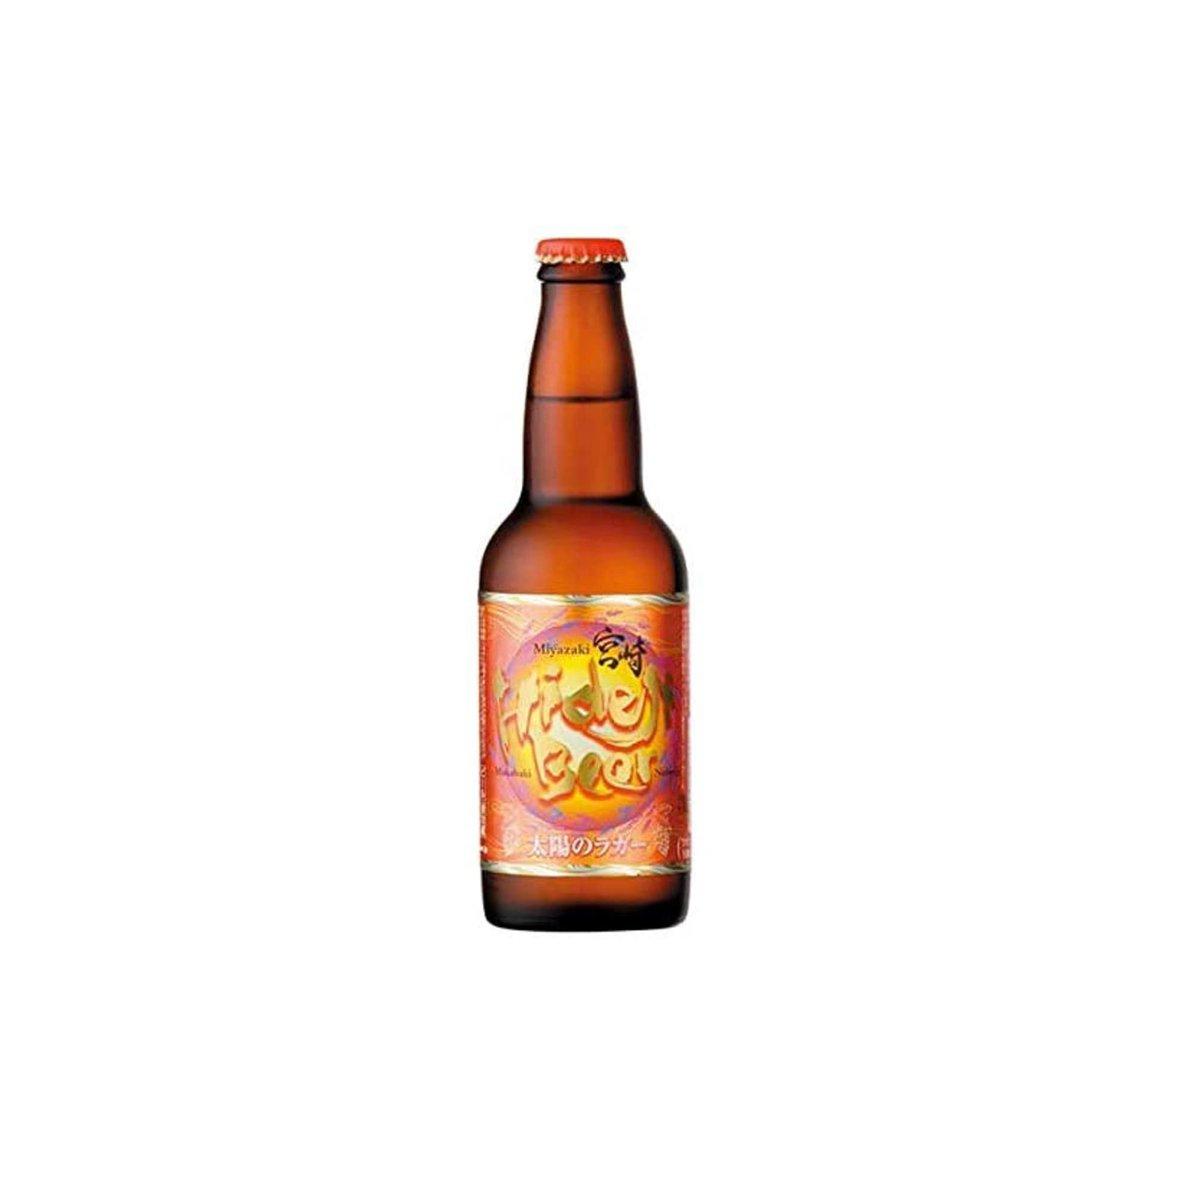 年間200種以上を実飲、ビール通がおすすめするAmazonで買える本格クラフトビール7選